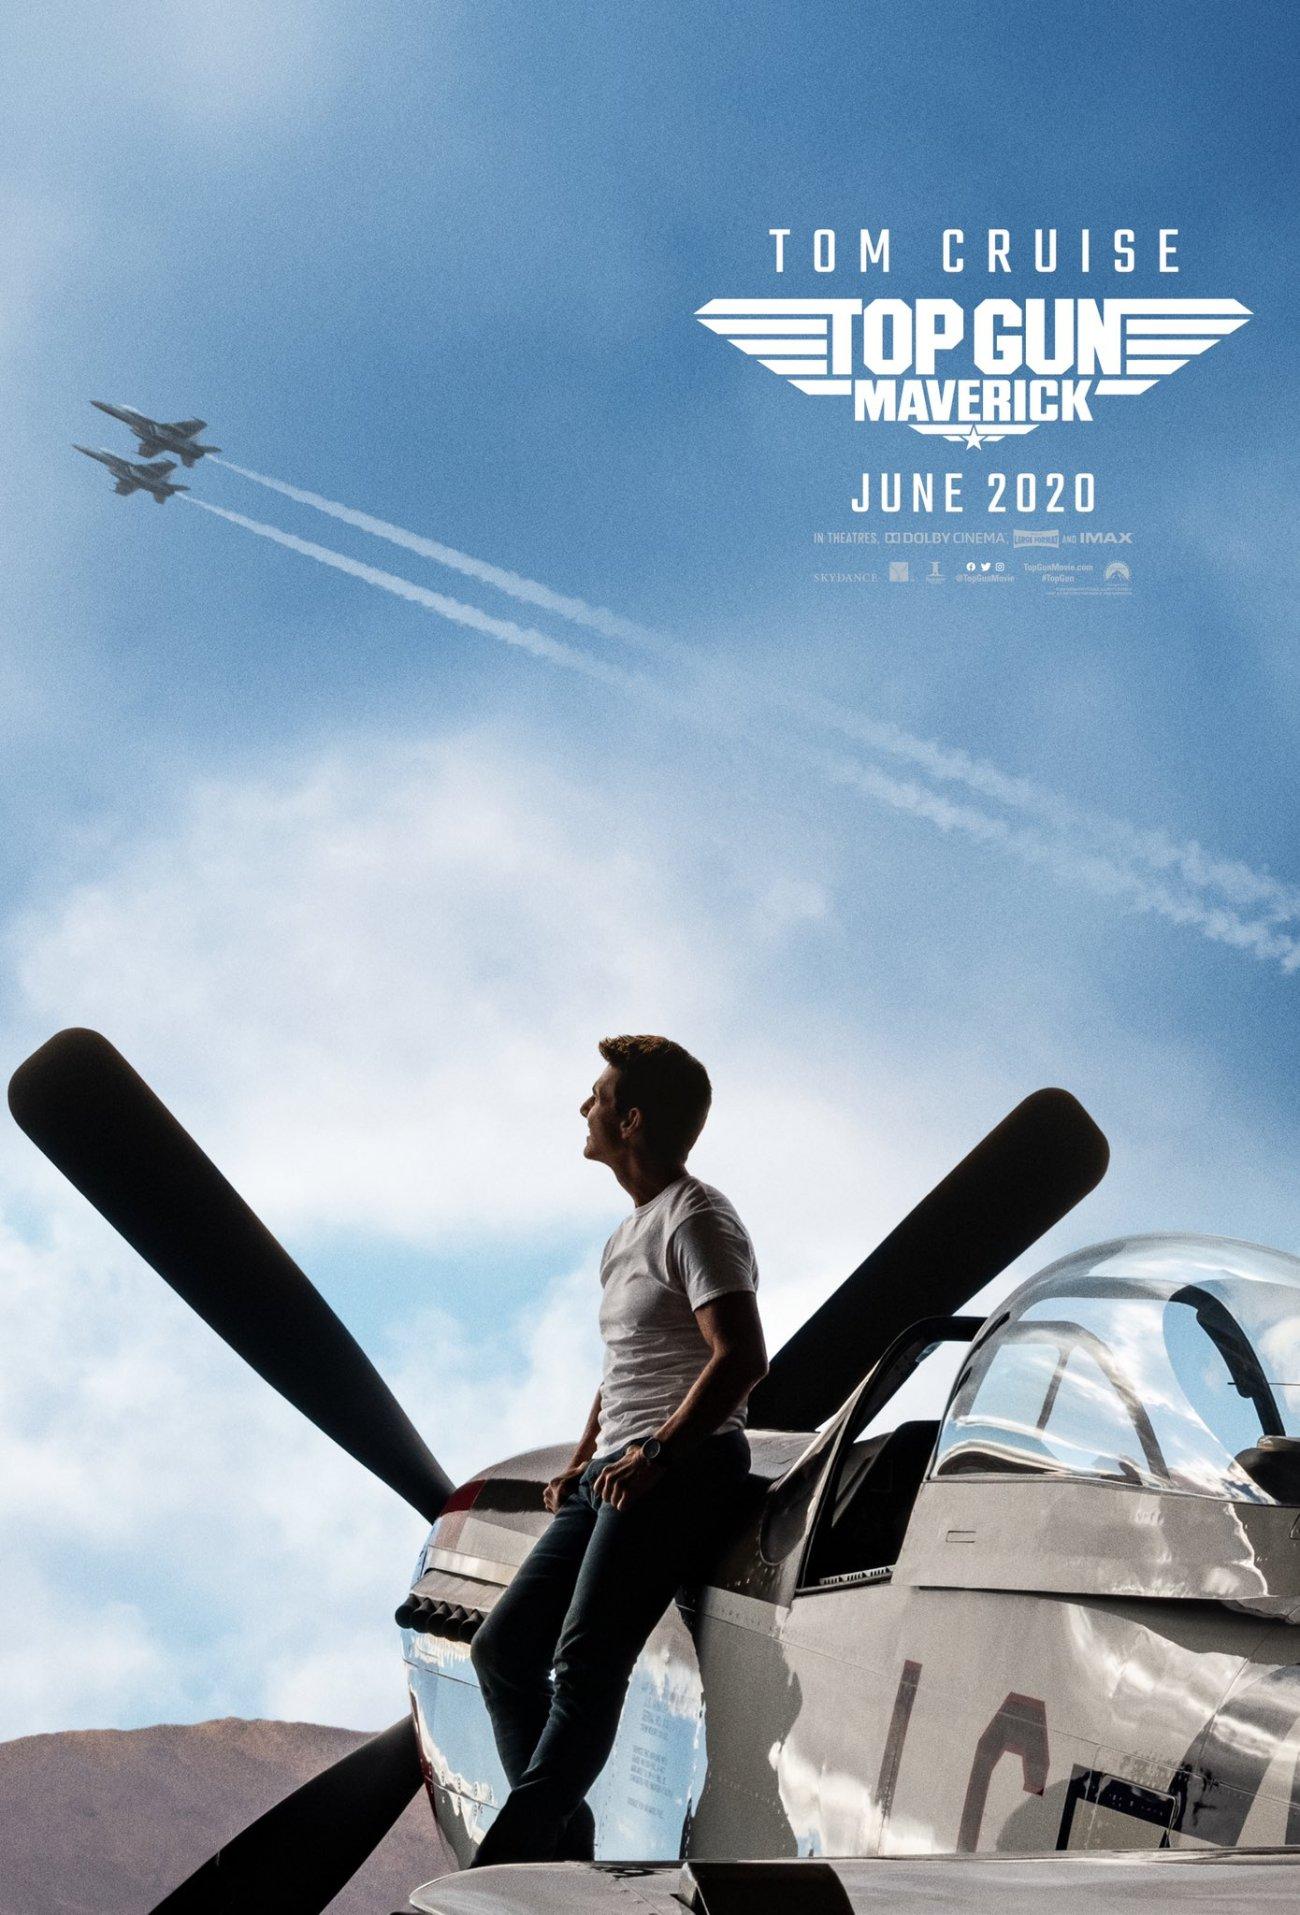 Póster de Top Gun: Maverick (2020). Imagen: Top Gun Twitter (@TopGunMovie).